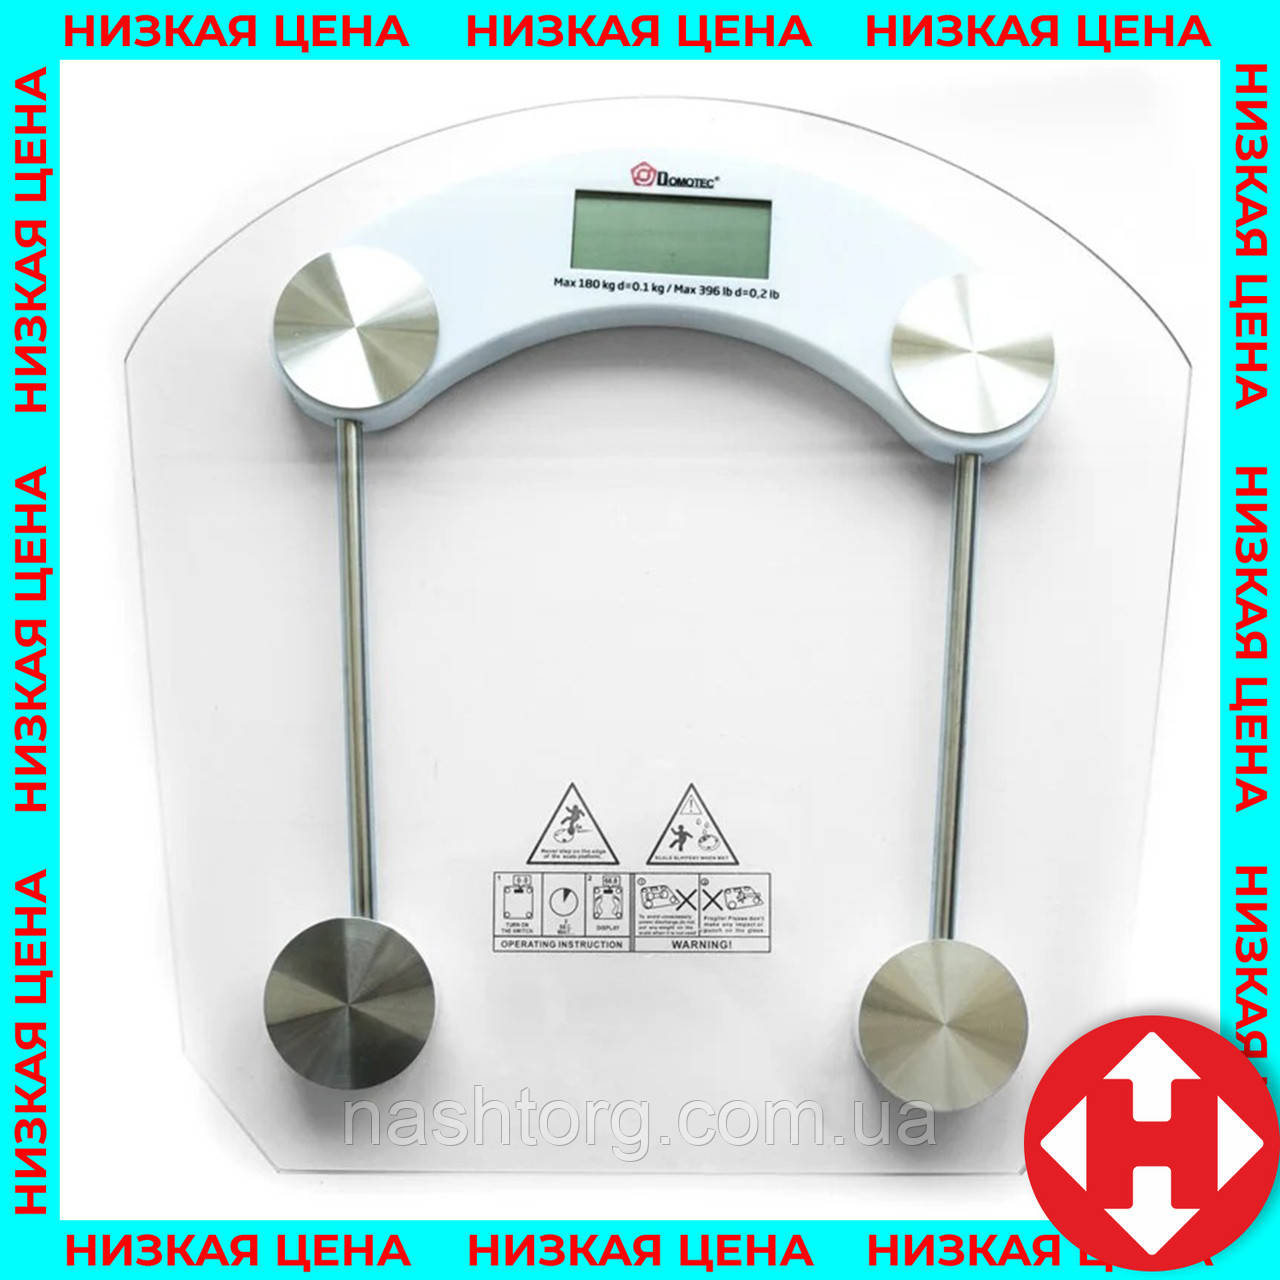 Распродажа! Весы напольные,(ваги підлогові), Domotec, 180 кг, очень качественные, цифровые весы, (MS 2003B)